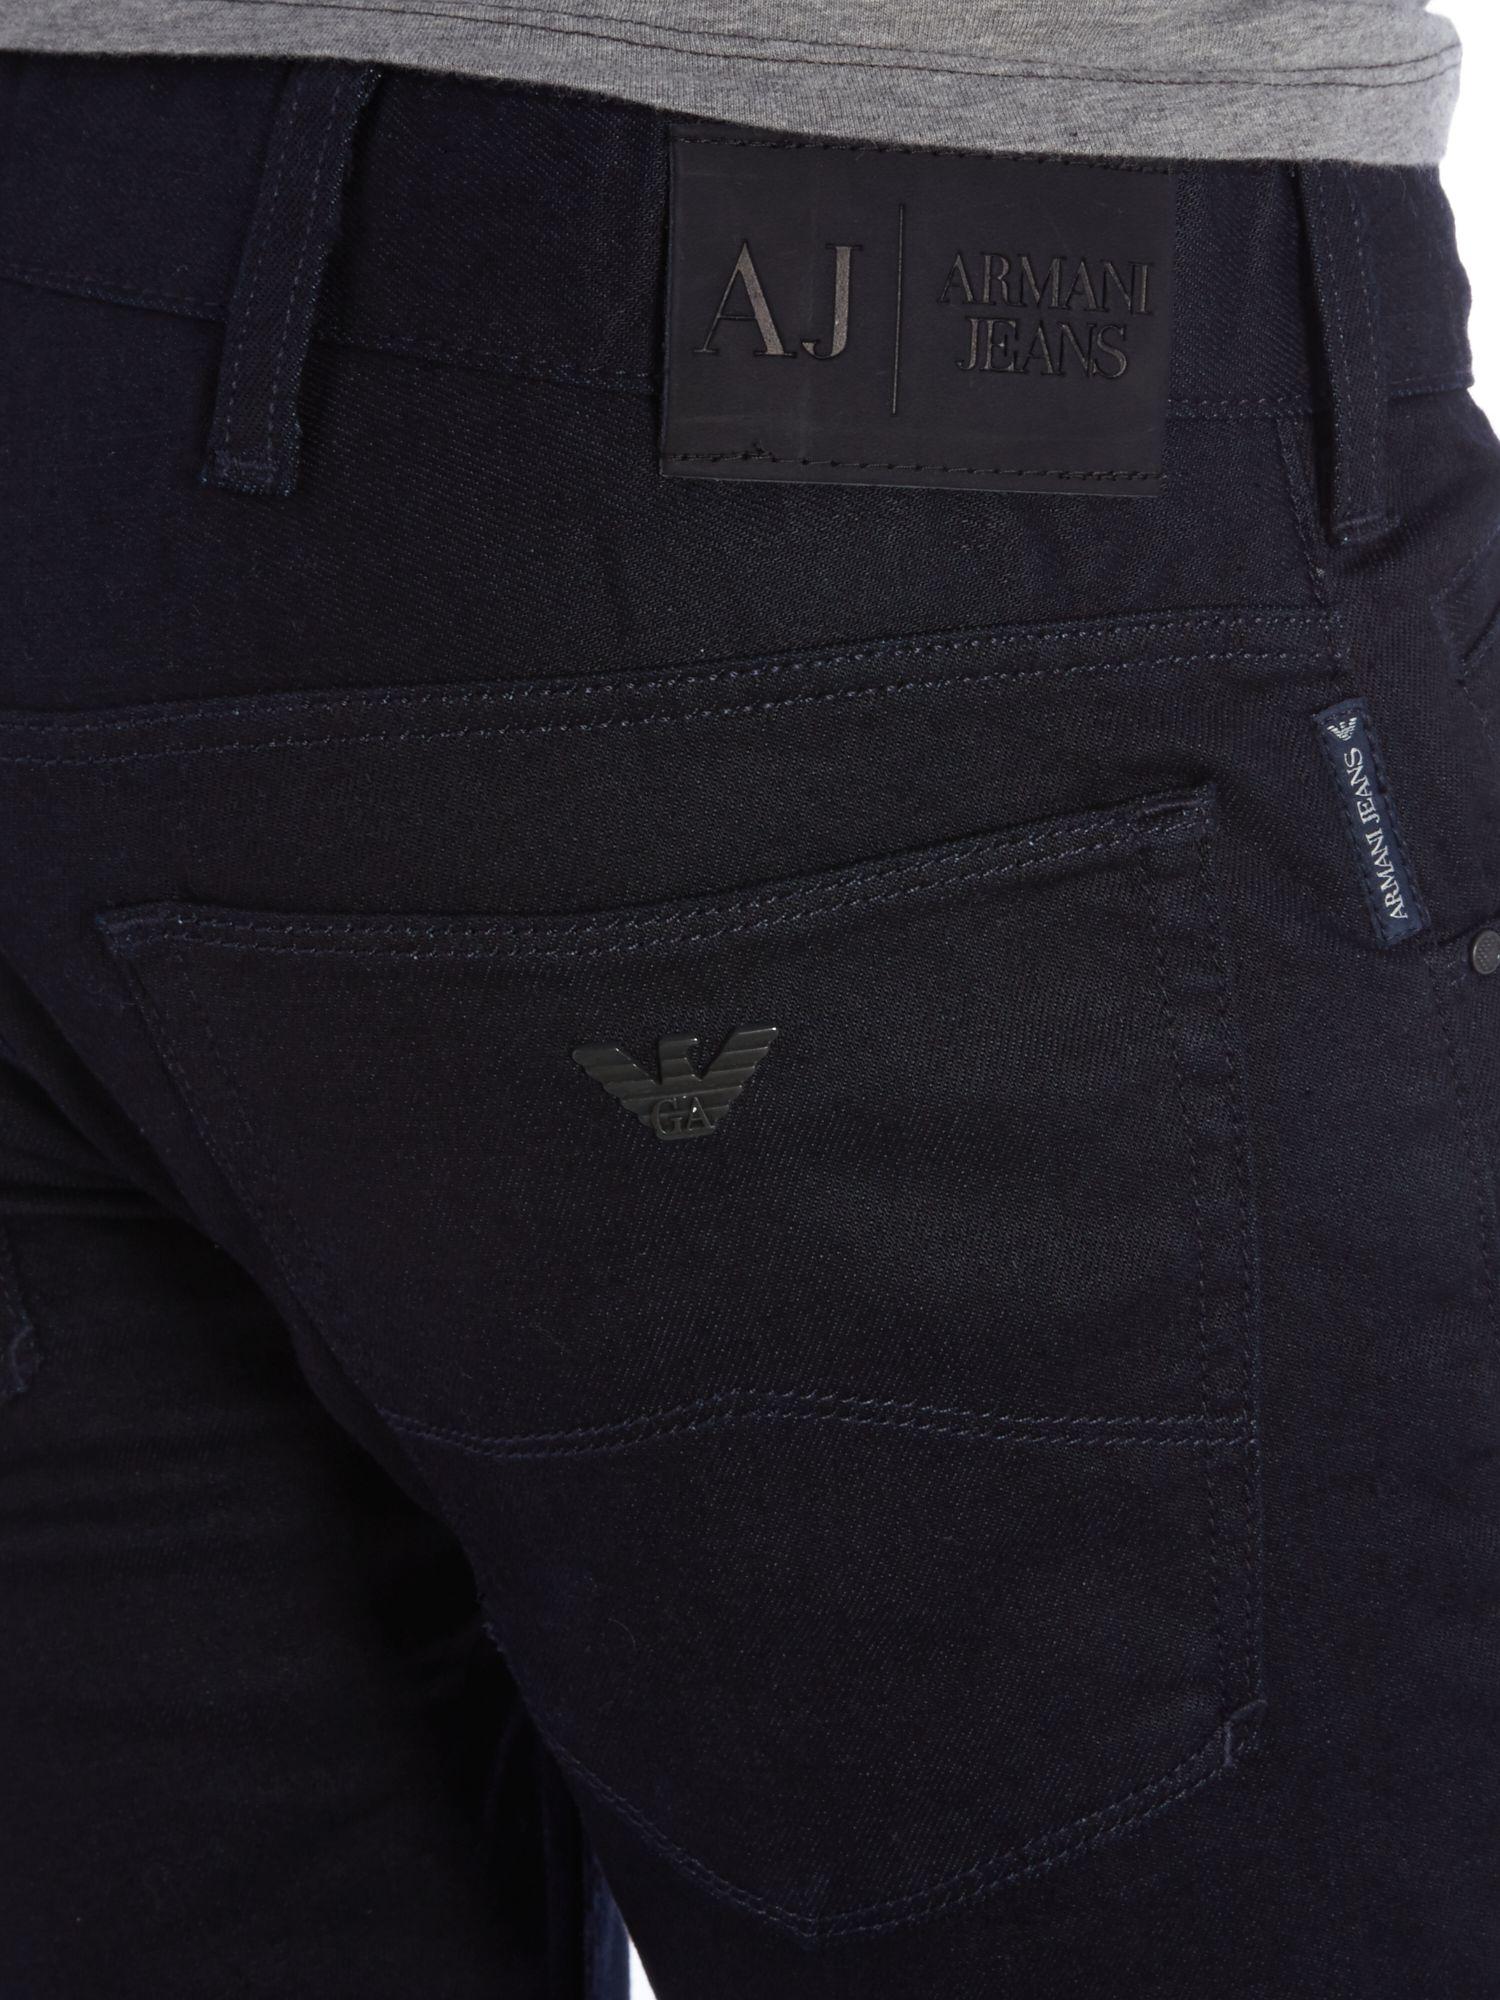 Armani jeans J23 Slim Fit Dark Overdye Jean in Gray for Men | Lyst